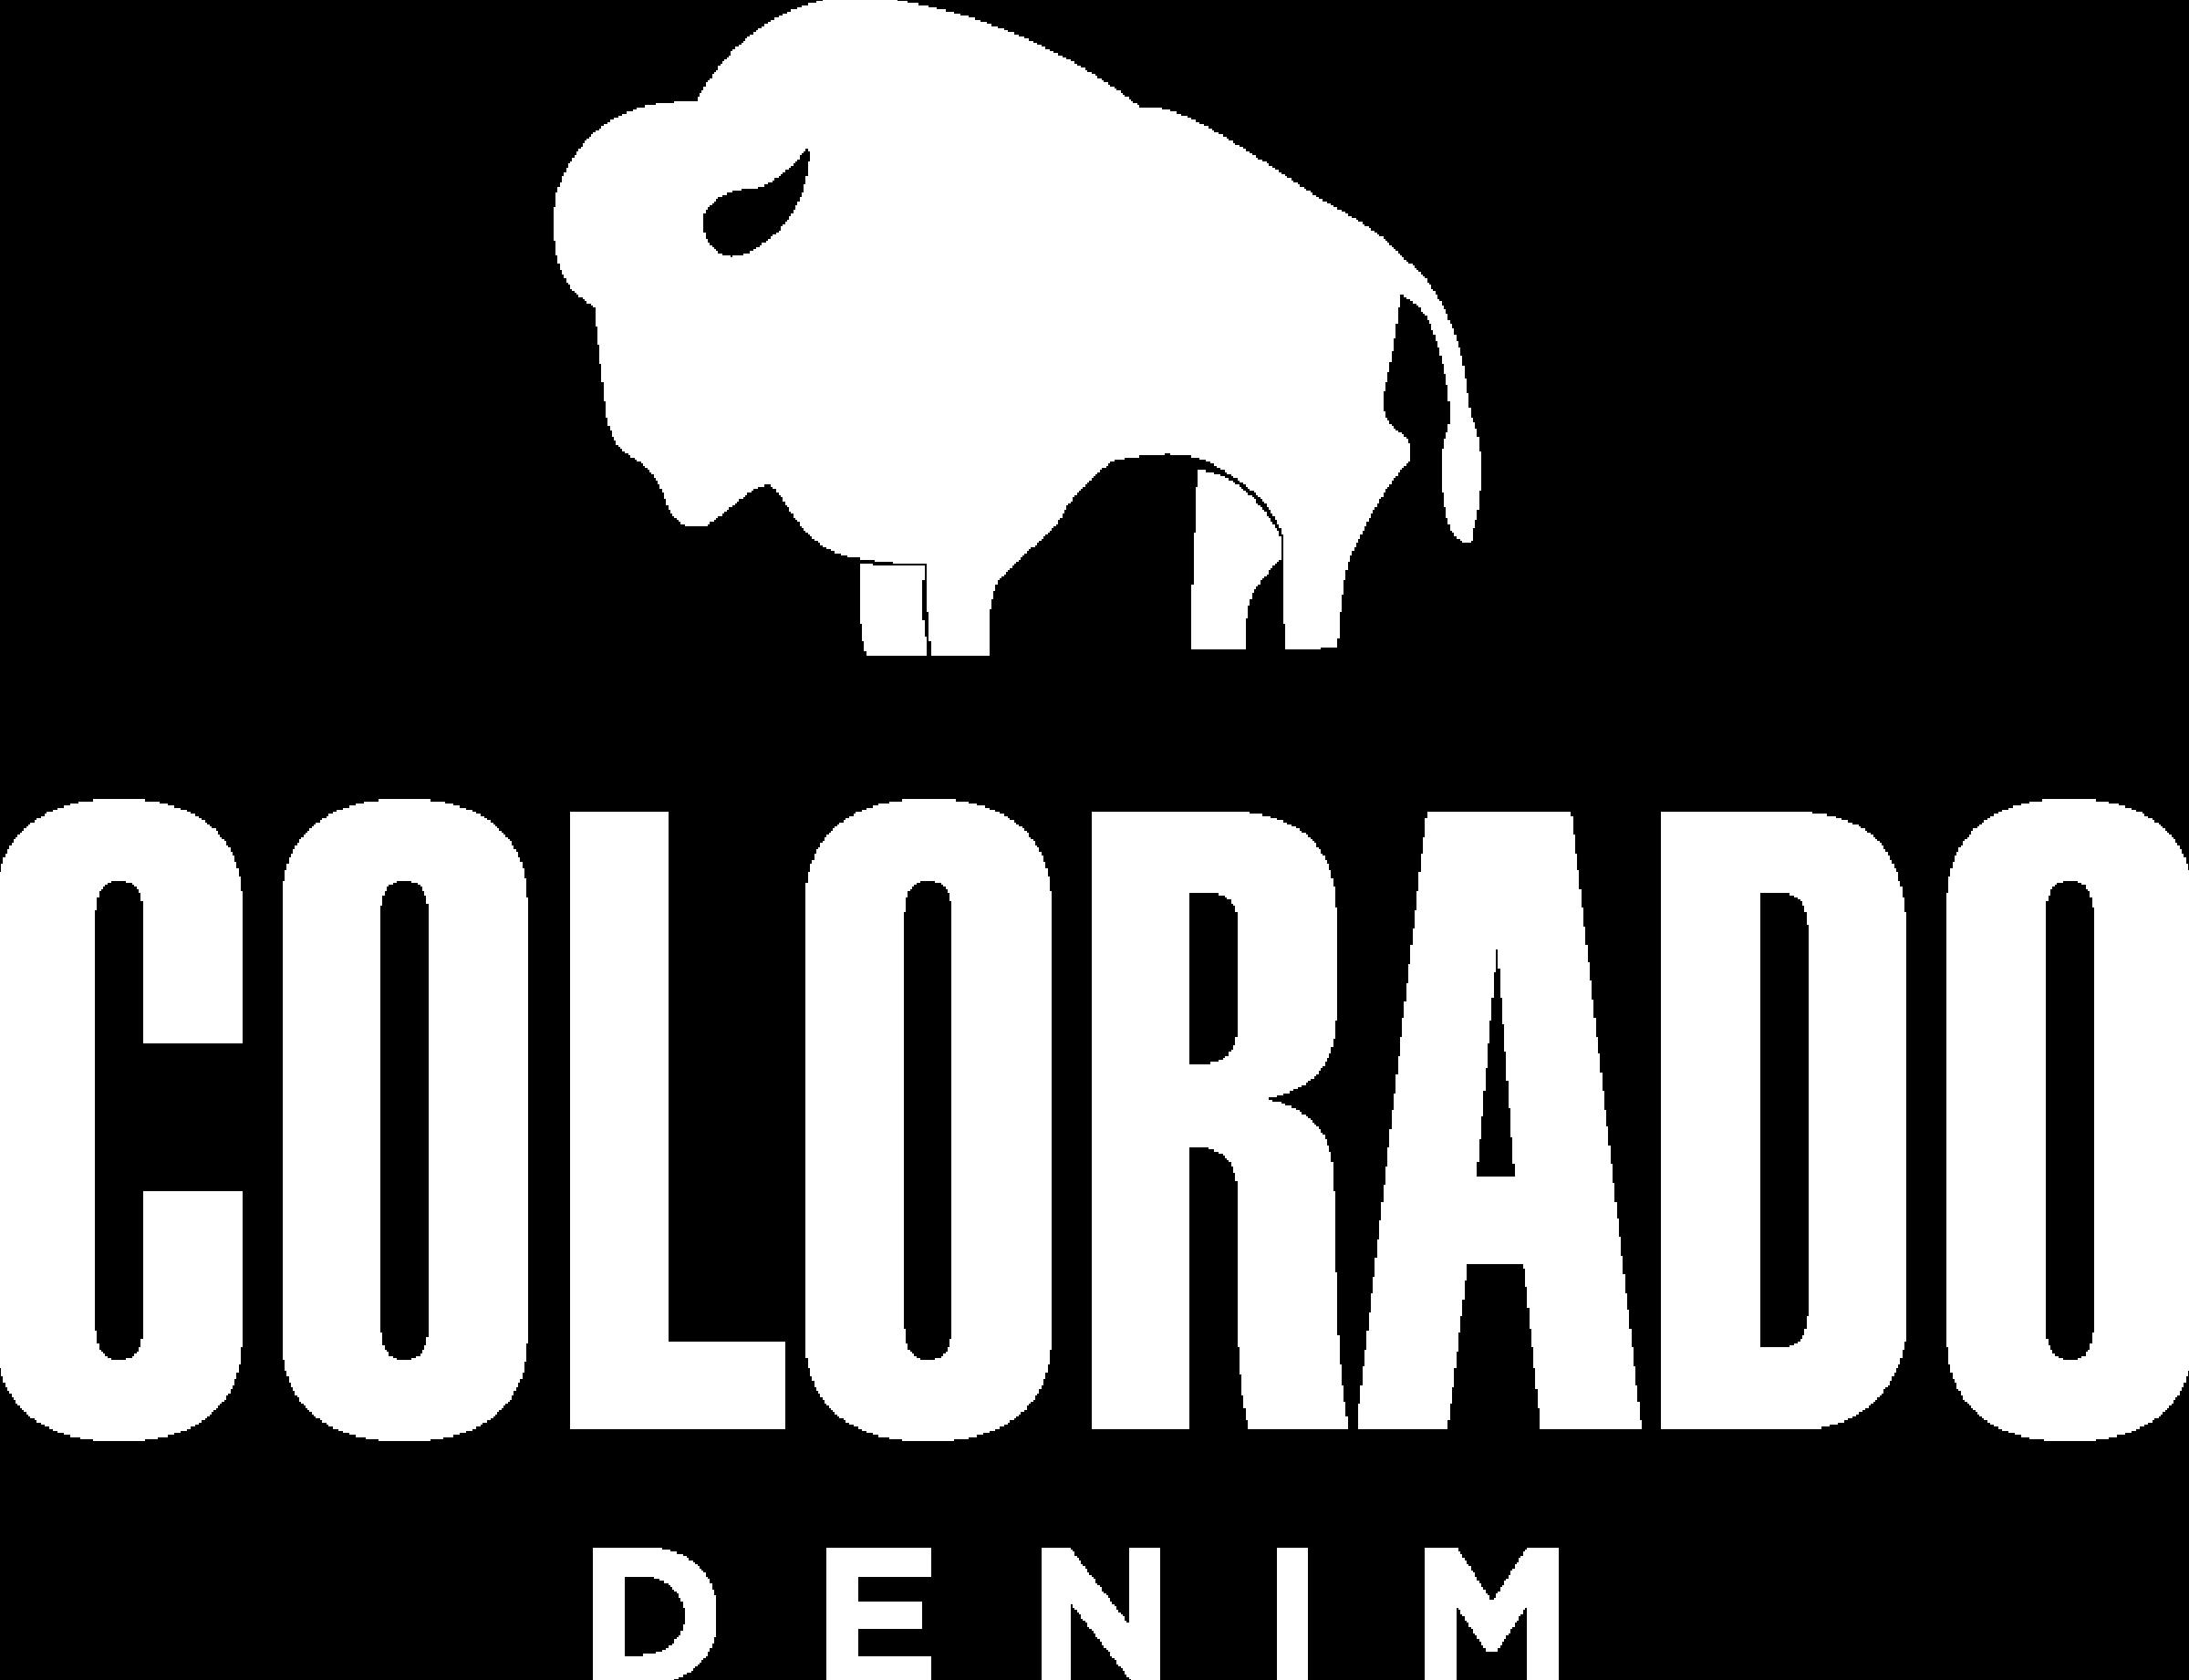 Colorado Denim Logo